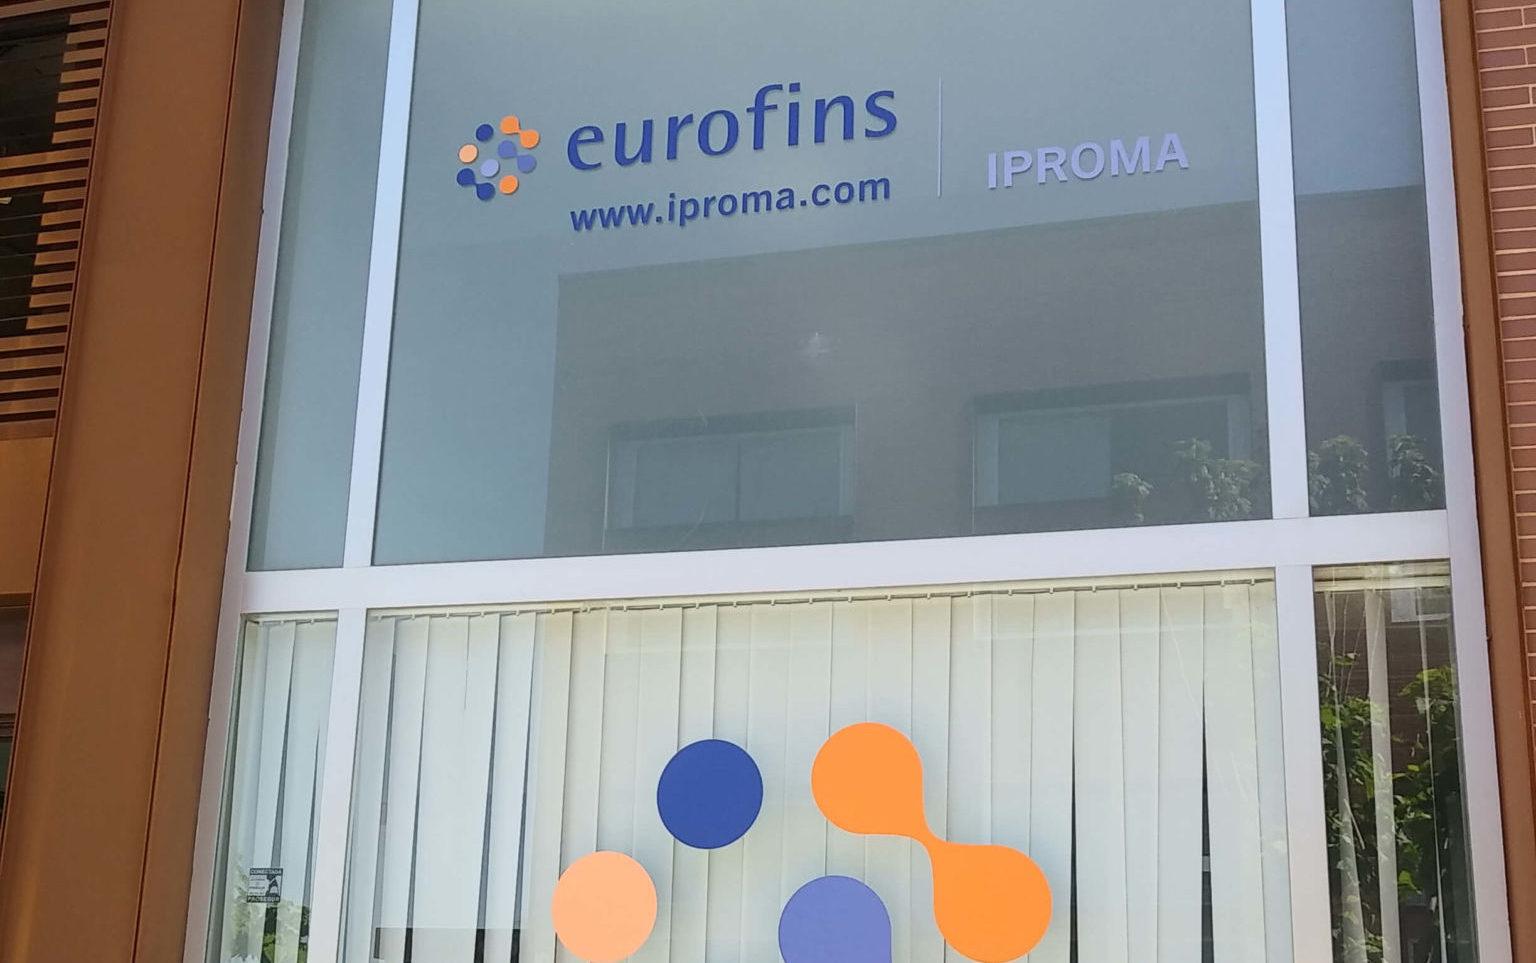 Eurofins | IPROMA Andalucía